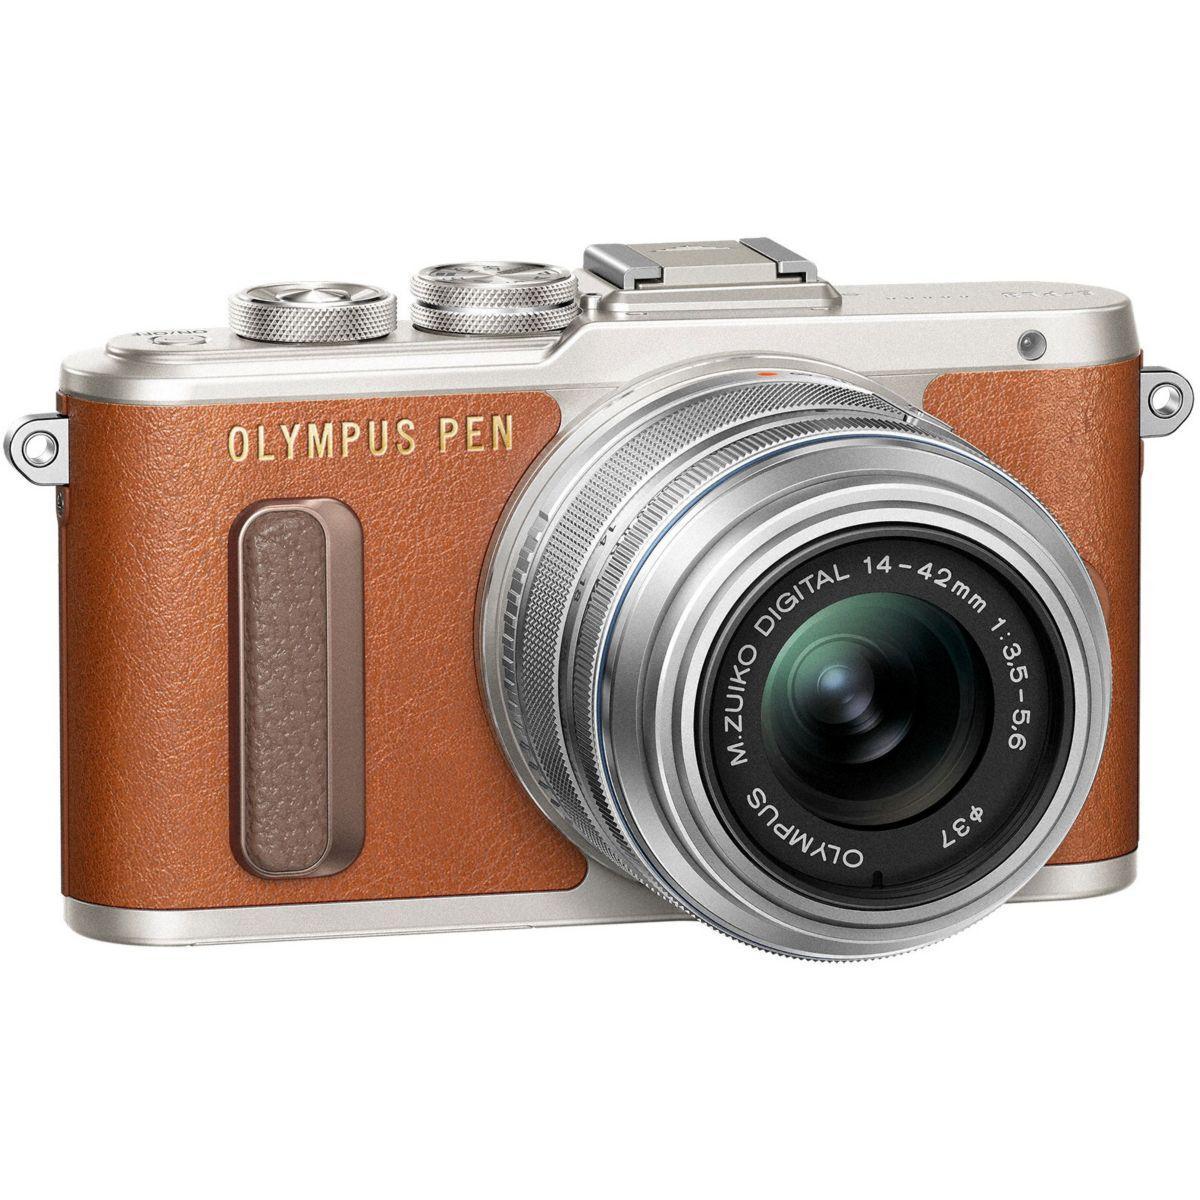 Apn olympus e-pl8 marron + 14-42pz silve - 10% de remise immédiate avec le code : multi10 (photo)